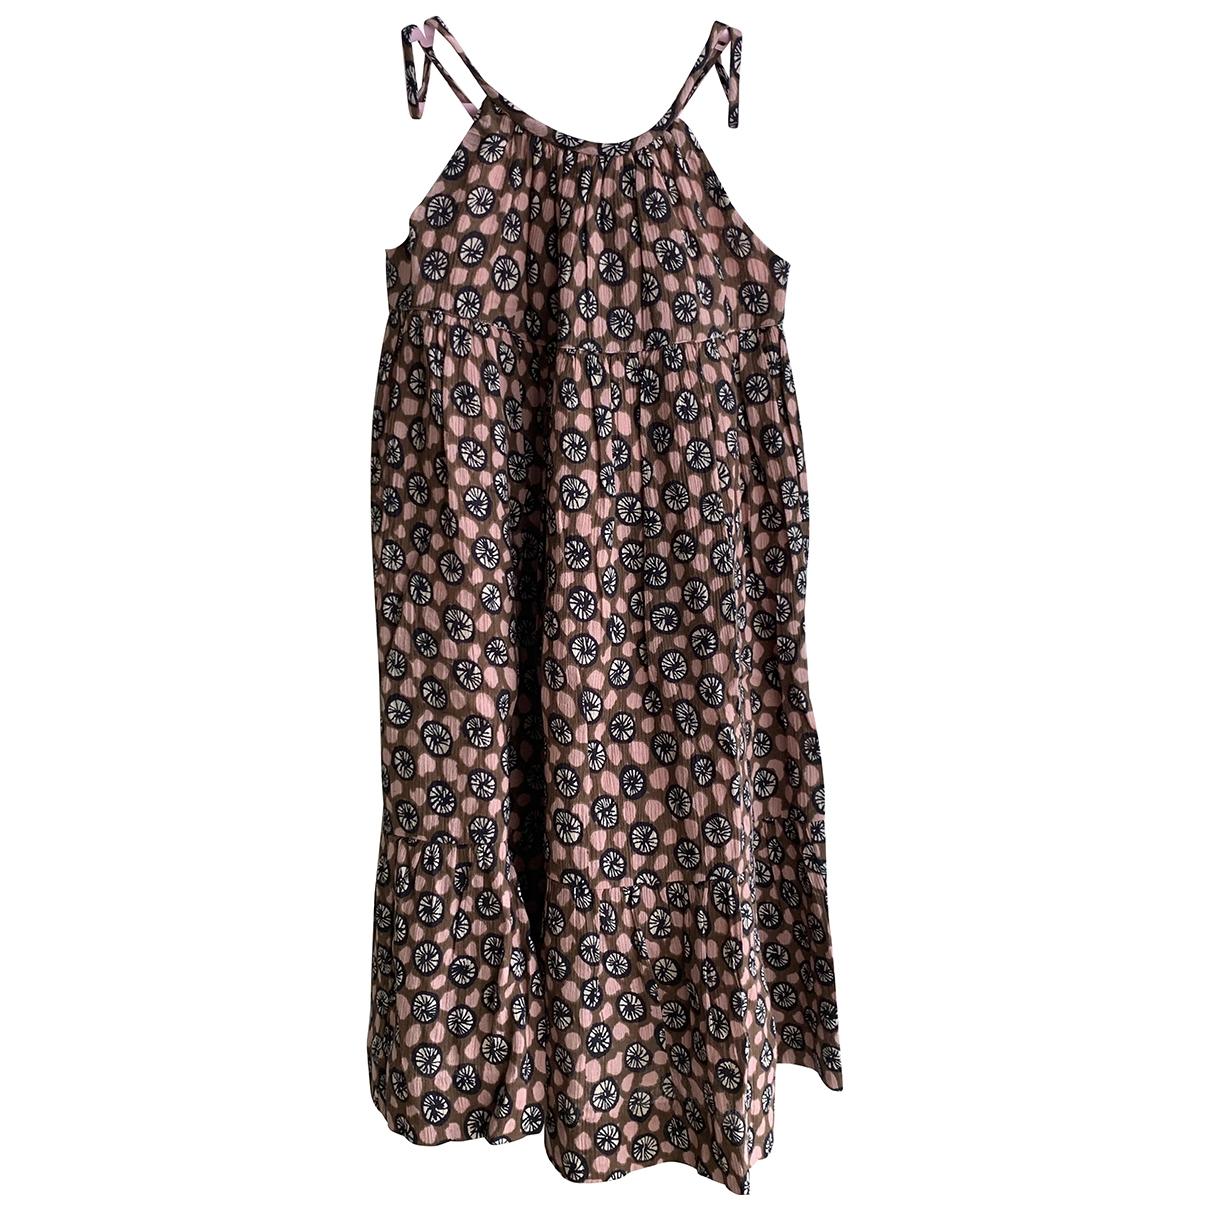 Bonpoint \N Kleid in  Braun Baumwolle